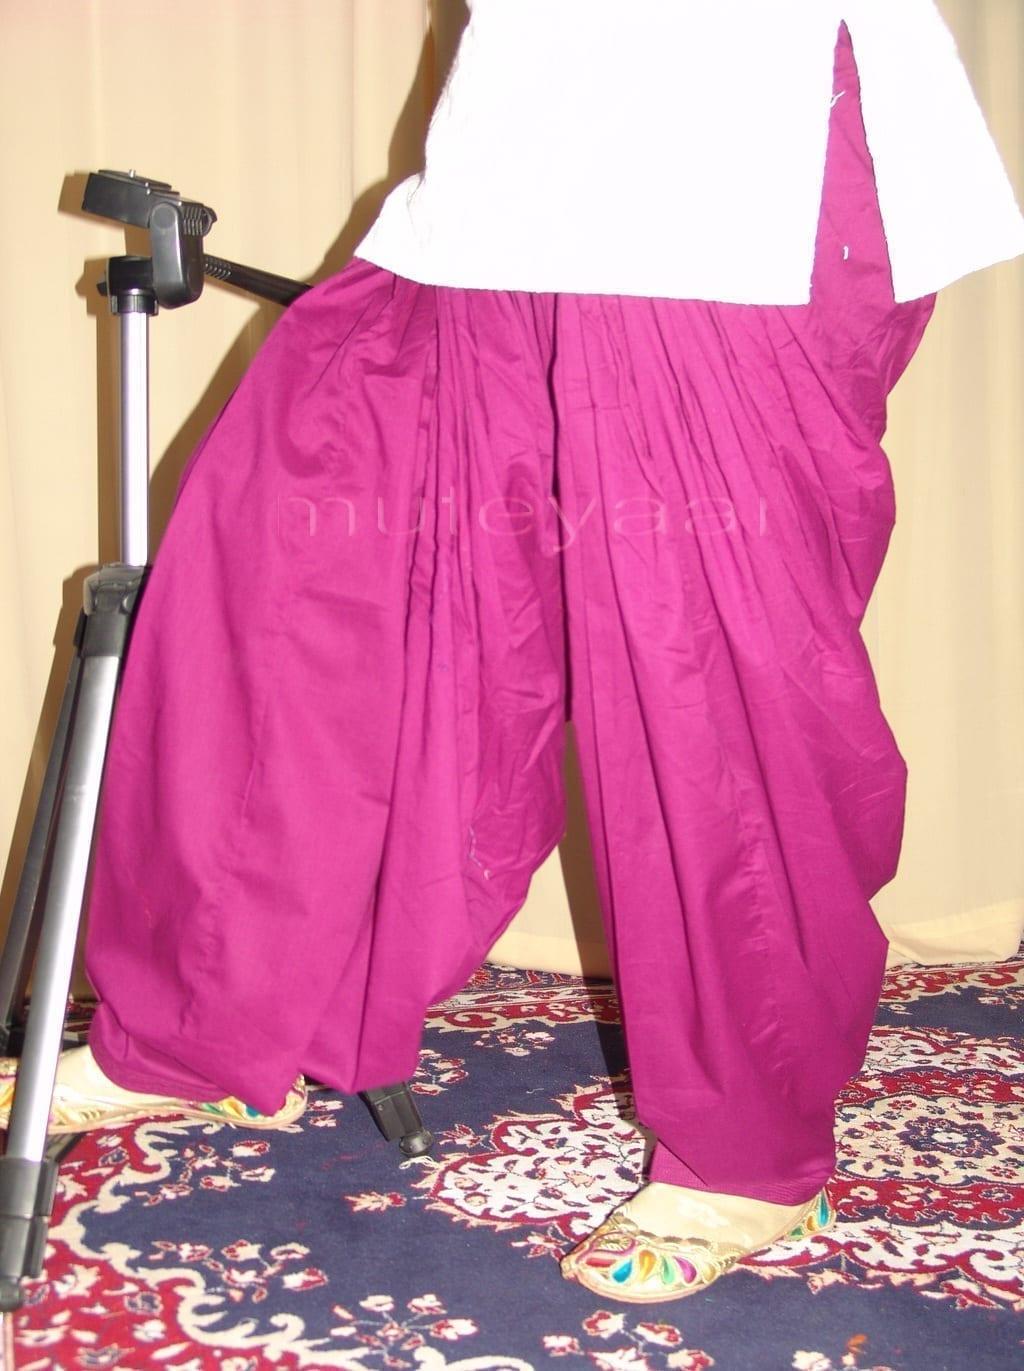 Patiala Salwars Wholesale Lot of 25 Pure Cotton Pants - Mix colours 27